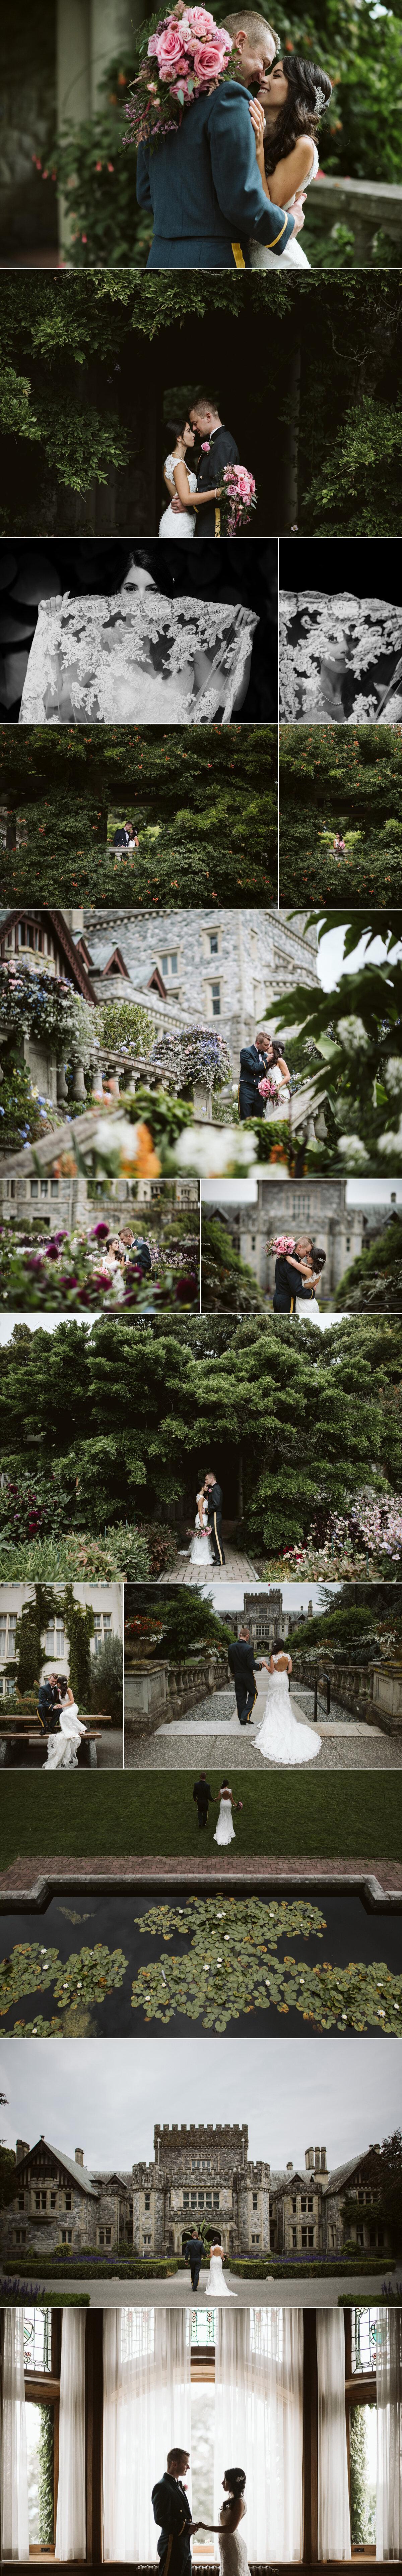 亲密的哈德利城堡婚礼188金宝博线上平台